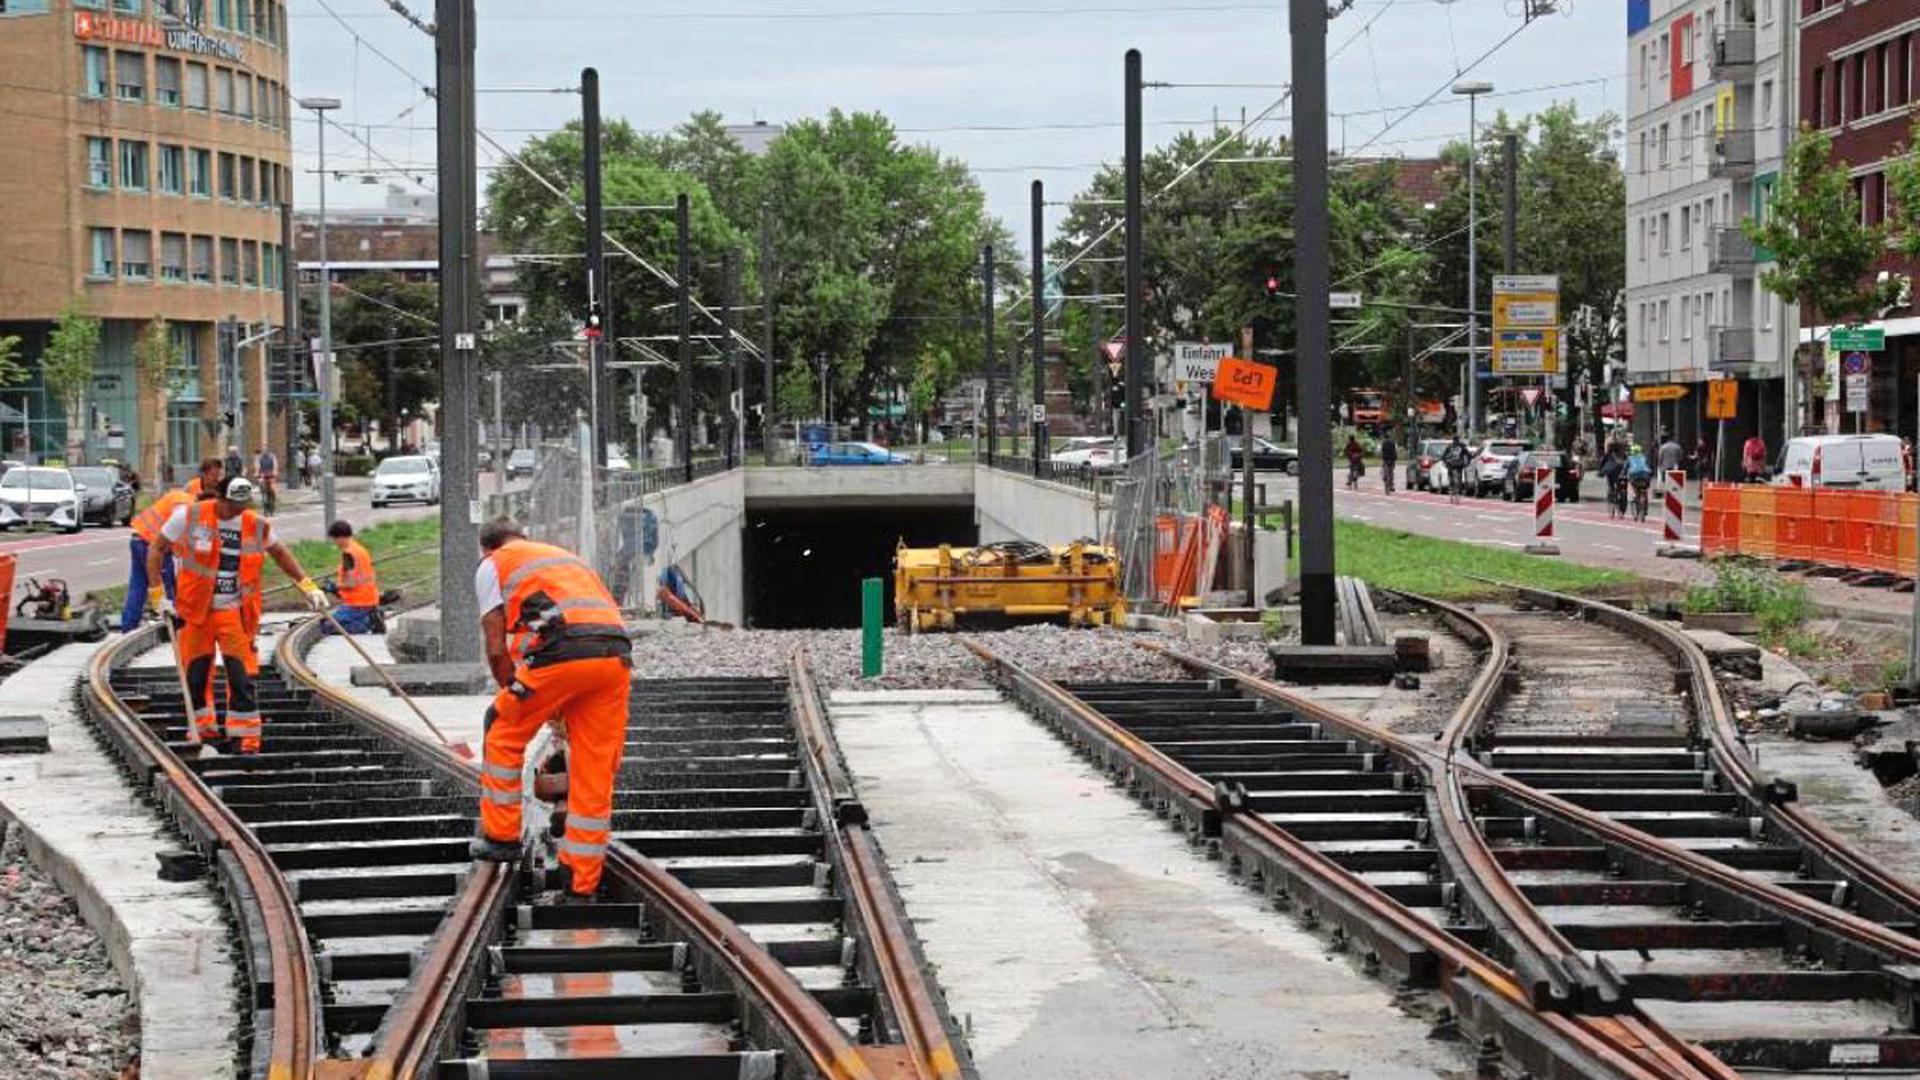 Verknüpfung im Westen: Am Mühlburger Tor sind jetzt die oberirdischen Gleise mit den Schienen auf der Rampe in den U-Strab-Tunnel verbunden worden. Die oberirdisch neben der Rampe laufenden Gleise sind durch Weichen angeschlossen. Erst in zwei Jahren sollen tatsächlich Bahnen in die Röhre rollen.